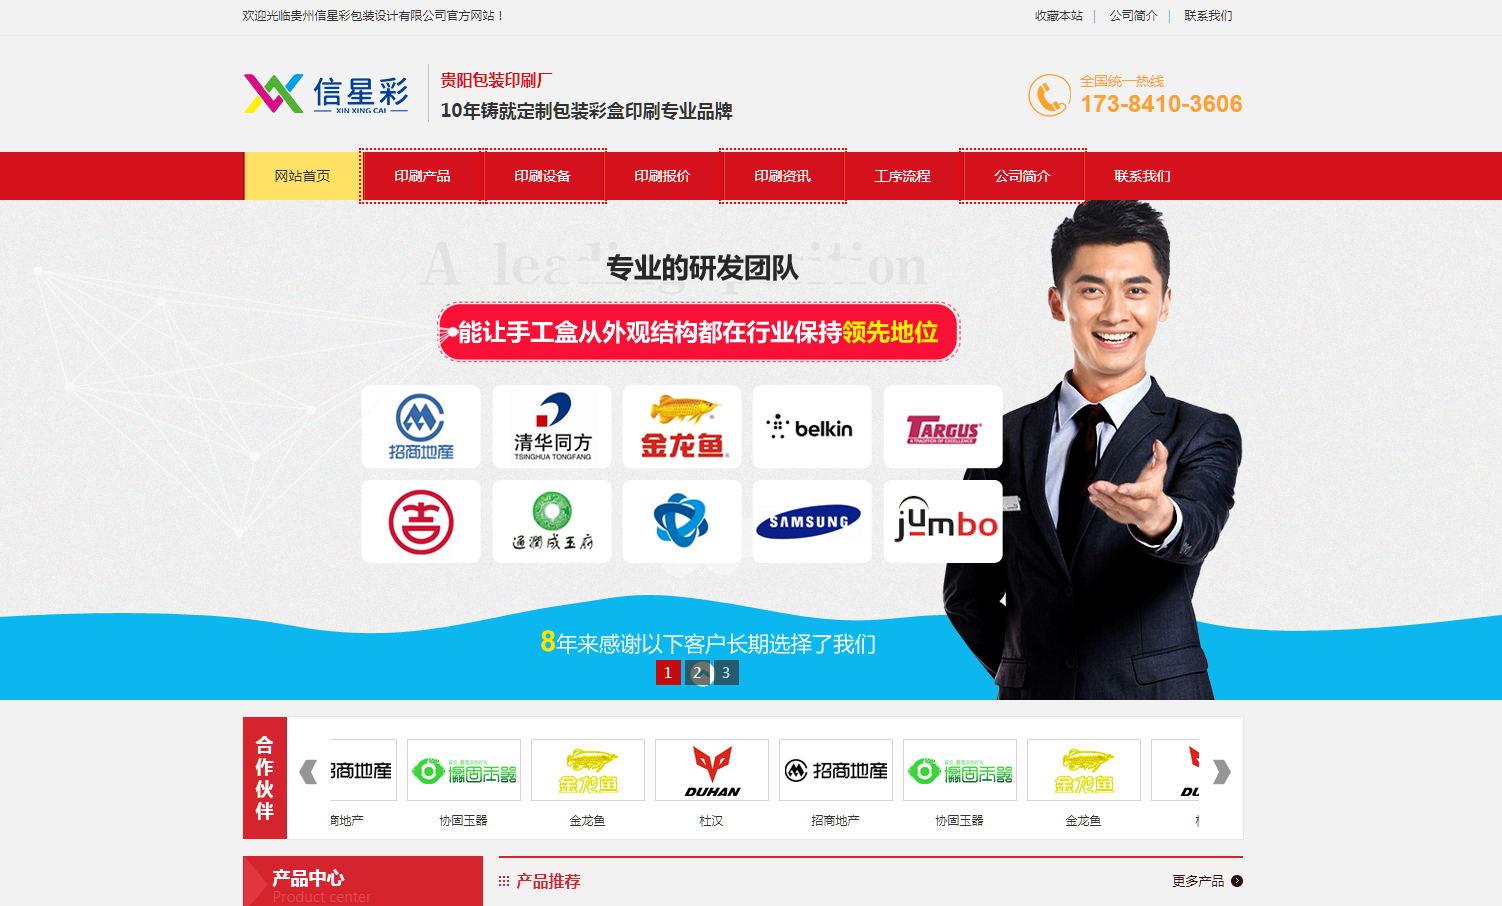 贵州信星彩包装设计有限公司网站案例